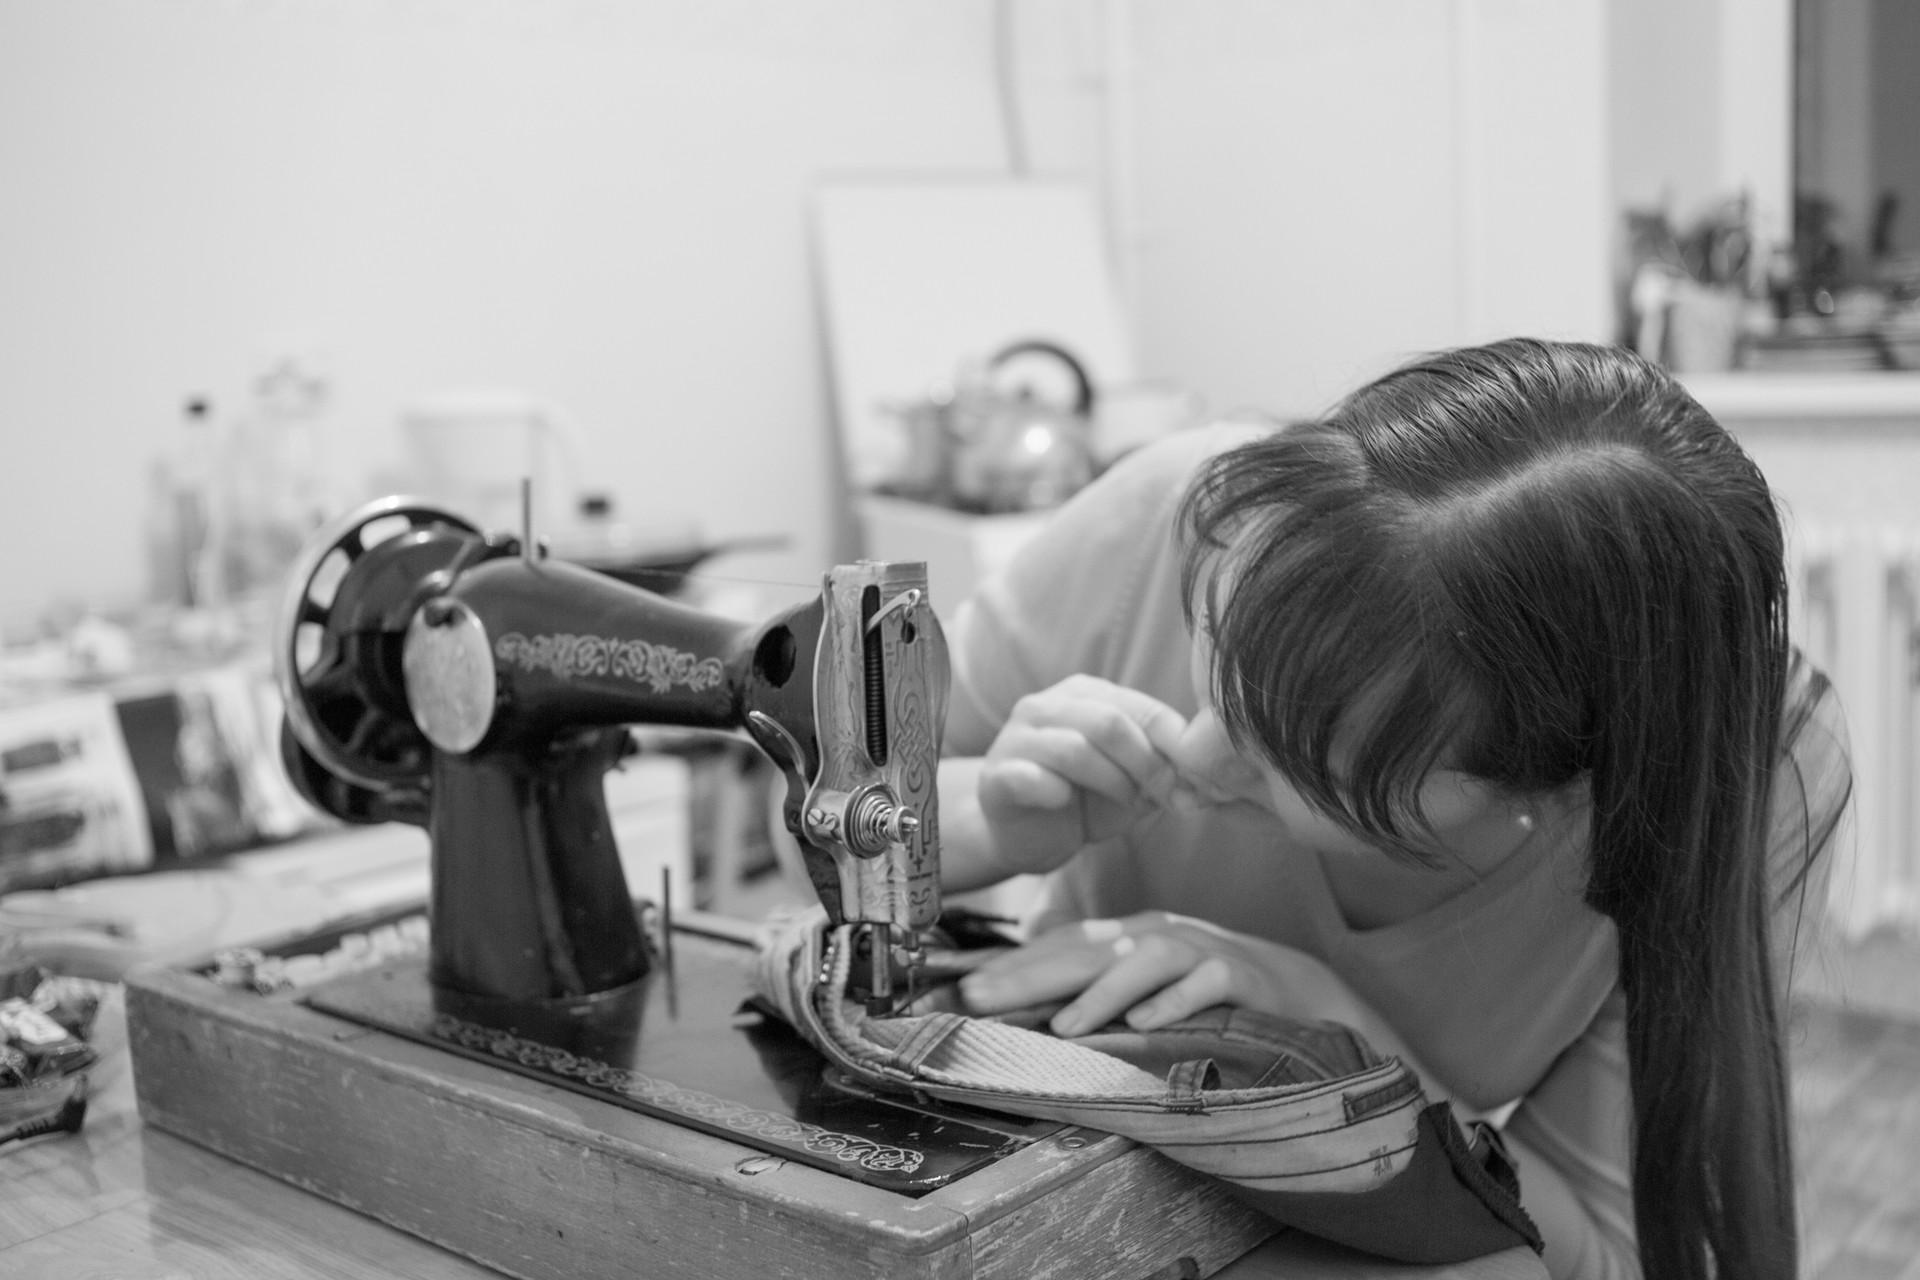 Марија из града Орел некада је радила као крупије у казину. Данас дизајнира кухиње.